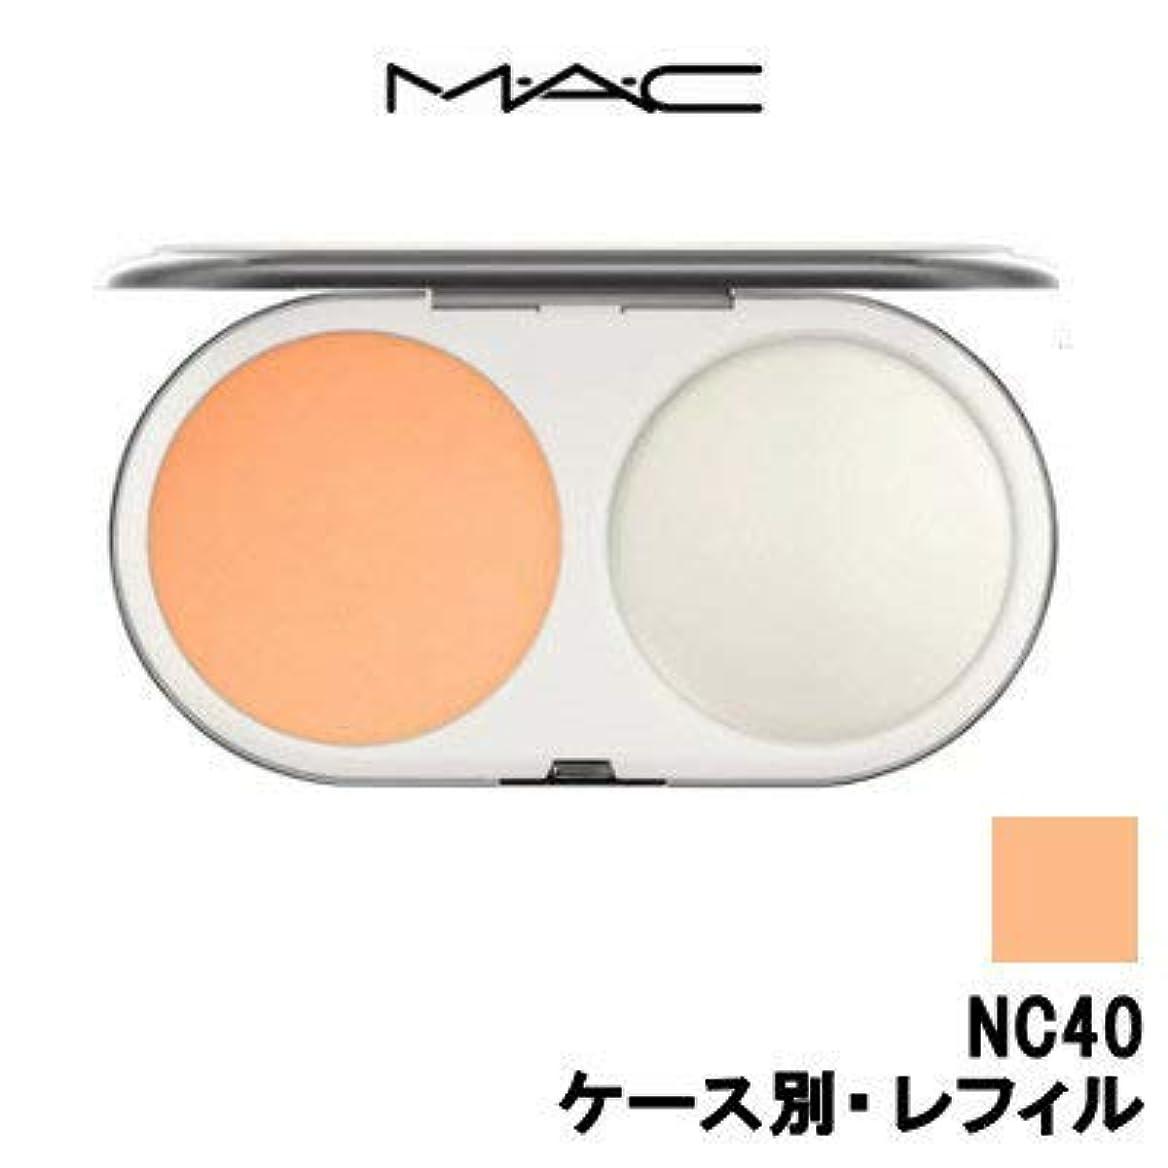 隠された合図日食マック(MAC) ライトフル C SPF 30 ファンデーション #NC40 SPF30/PA+++ 14g[並行輸入品]